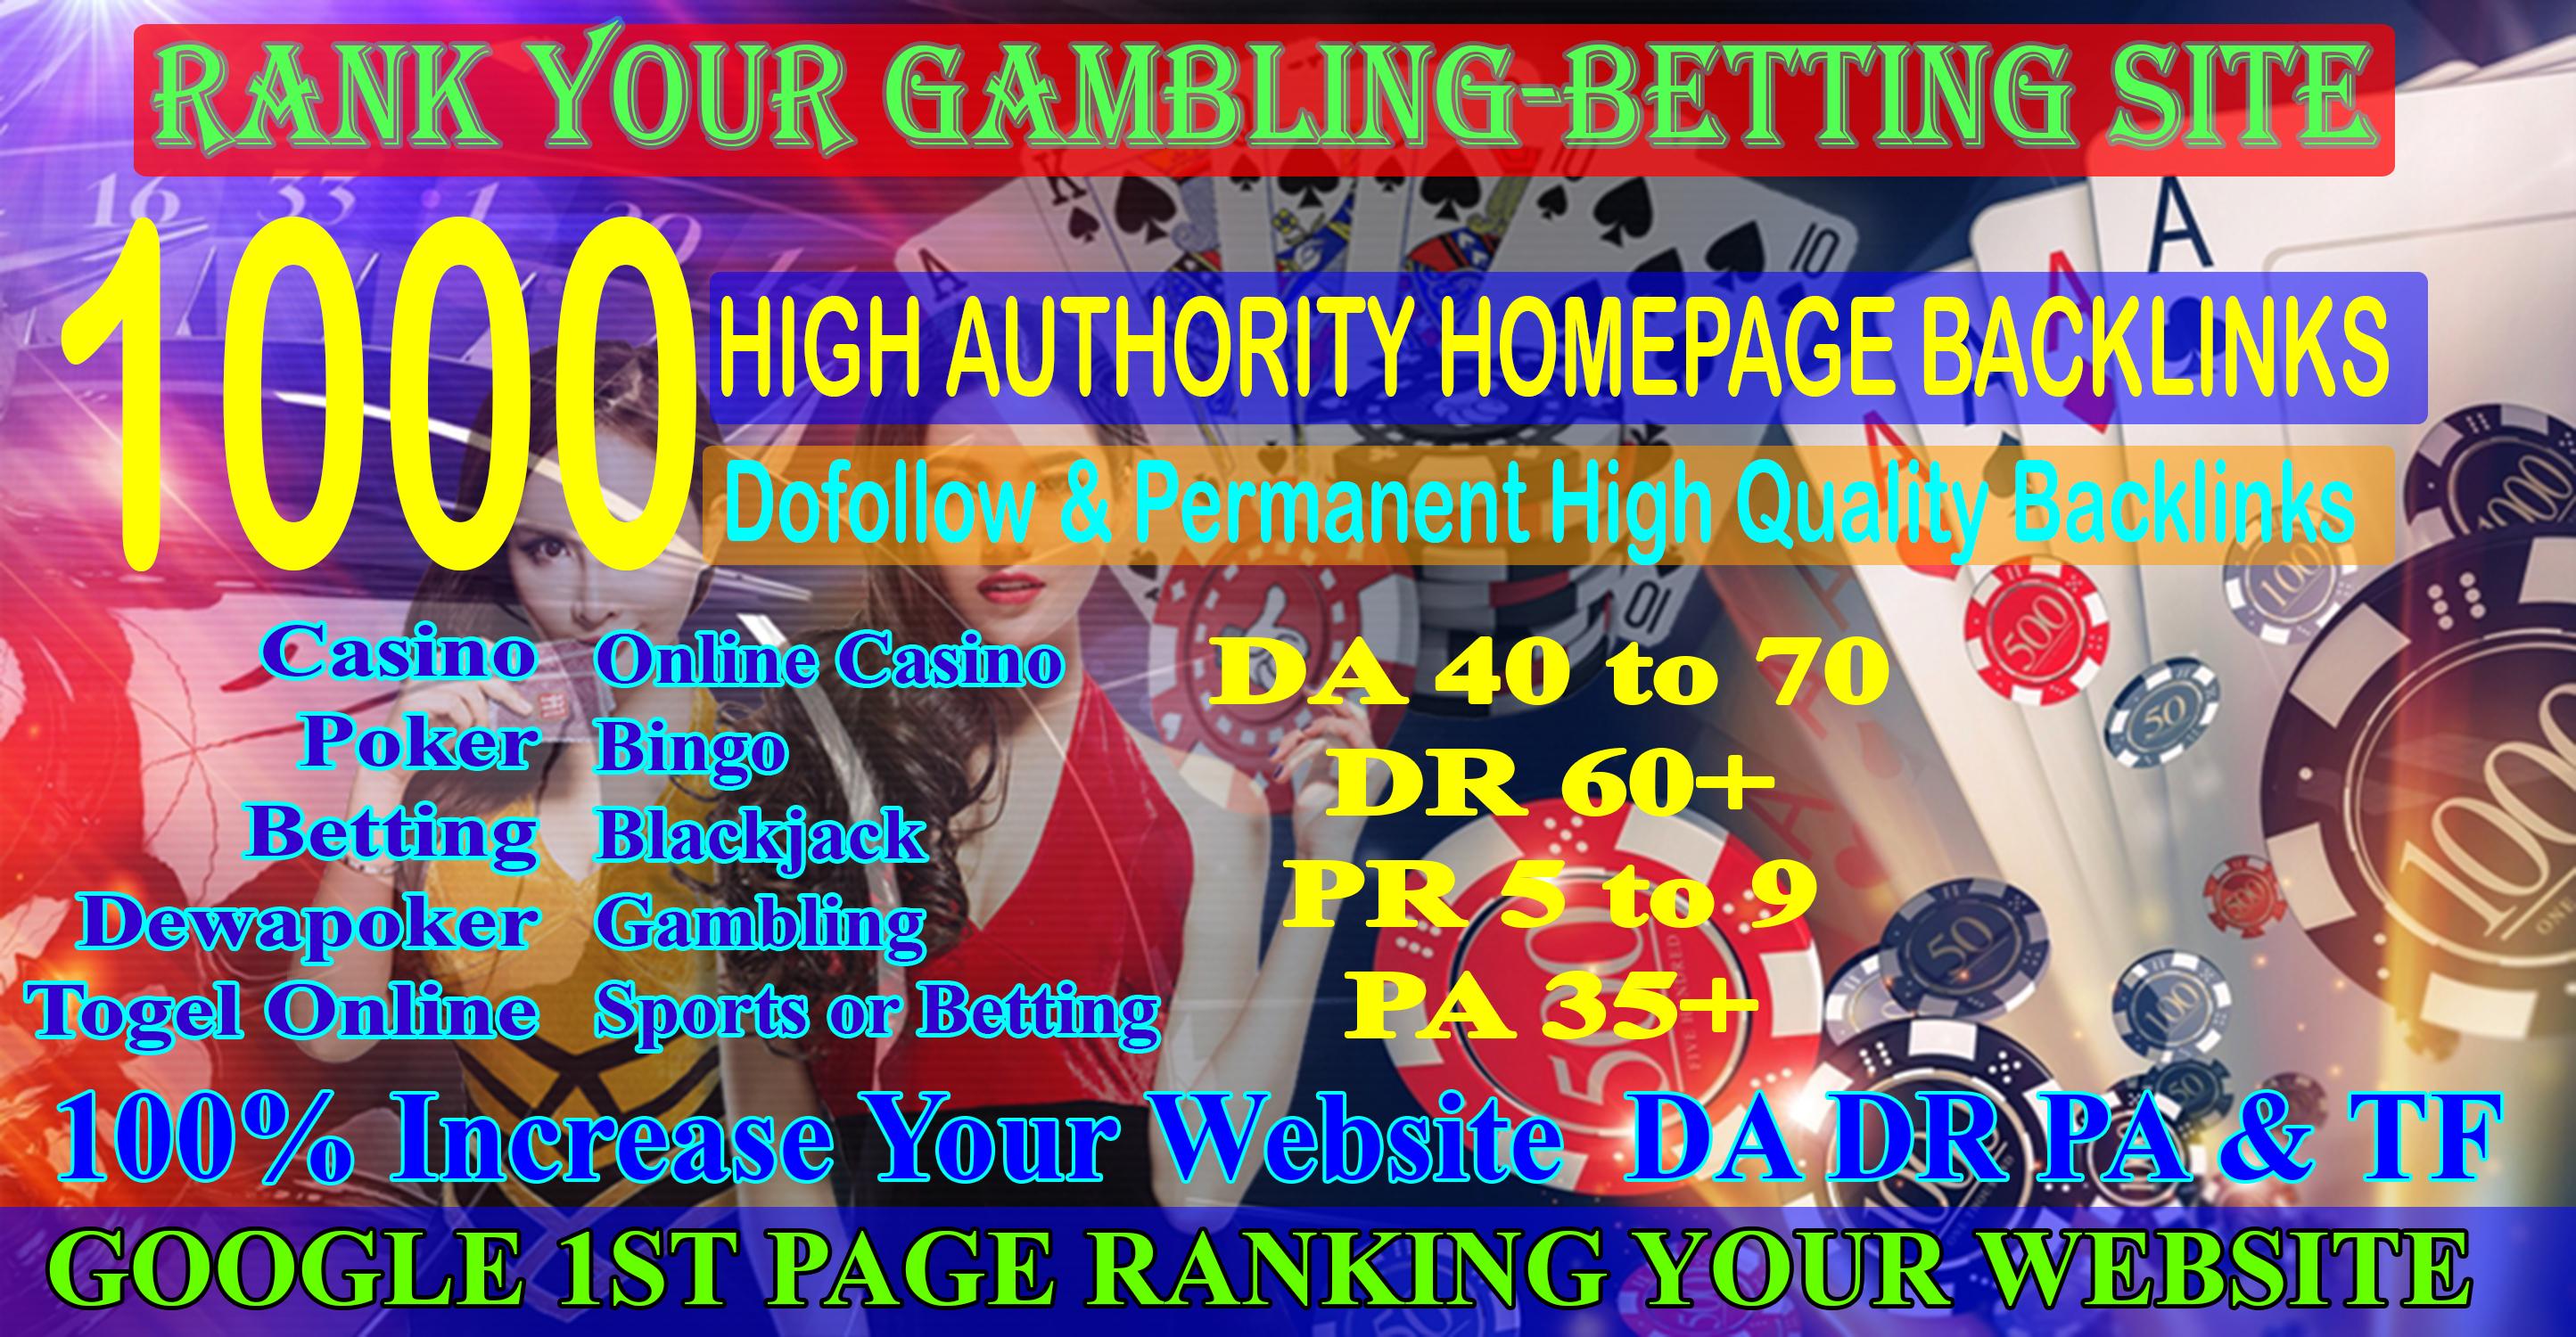 1000 Casino Backlinks for Gambling Poker Sports Betting Online Casino sites DA70 DR60+